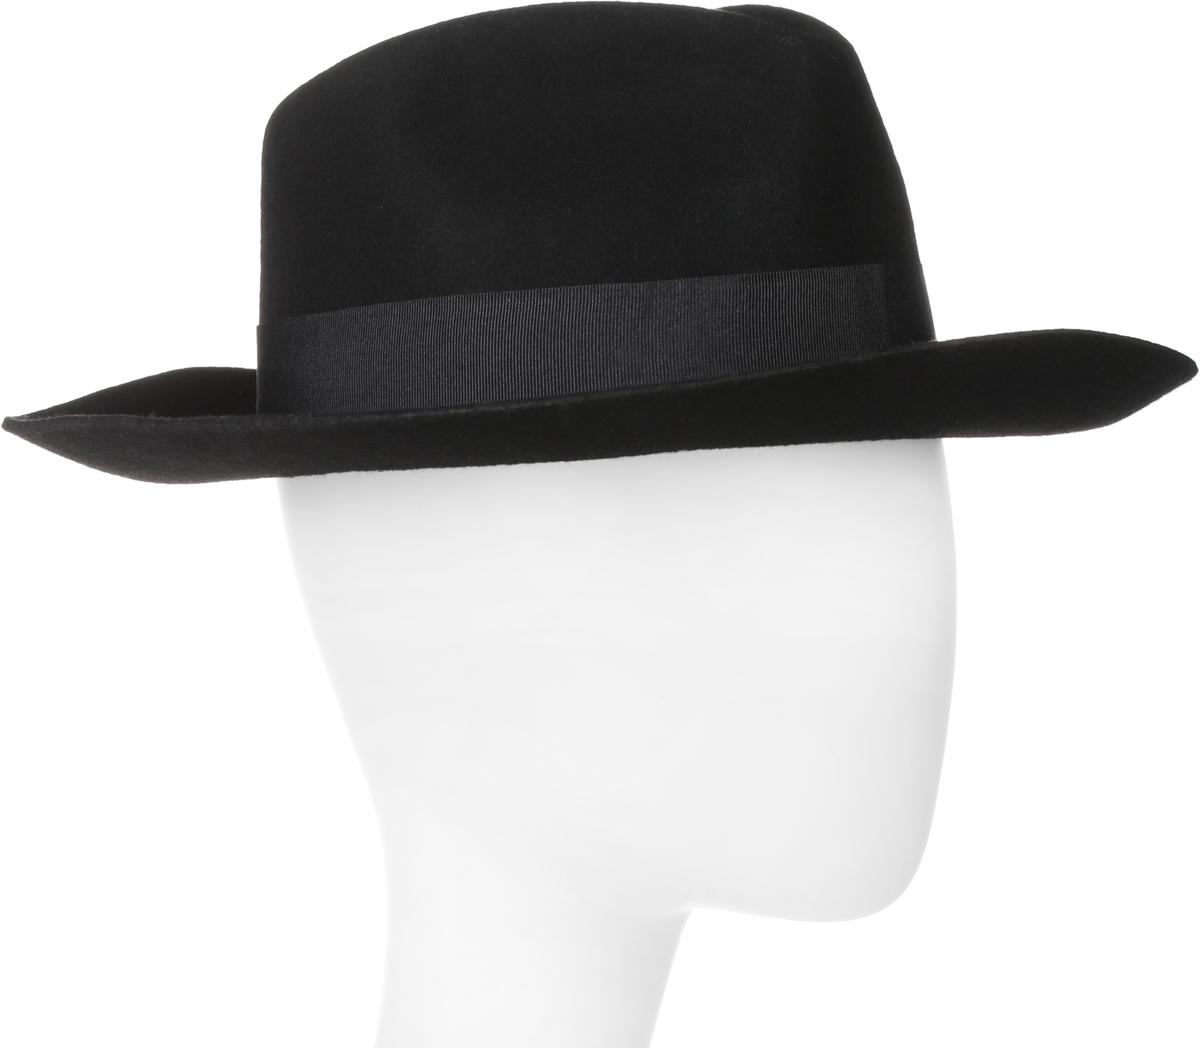 Шляпа600-9317Элегантная шляпа Goorin Brothers, выполненная из высококачественного тонкого фетра, дополнит любой образ. Модель с А-образной тульей с продольным заломом и со слегка загнутыми вверх полями. Внутри модель дополнена плотной тесьмой для комфортной посадки изделия по голове. Шляпа-федора по тулье оформлена репсовой лентой с лаконичным бантом и дополнена металлическим элементом в виде логотипа бренда. Такая шляпа подчеркнет вашу неповторимость и прекрасный вкус.